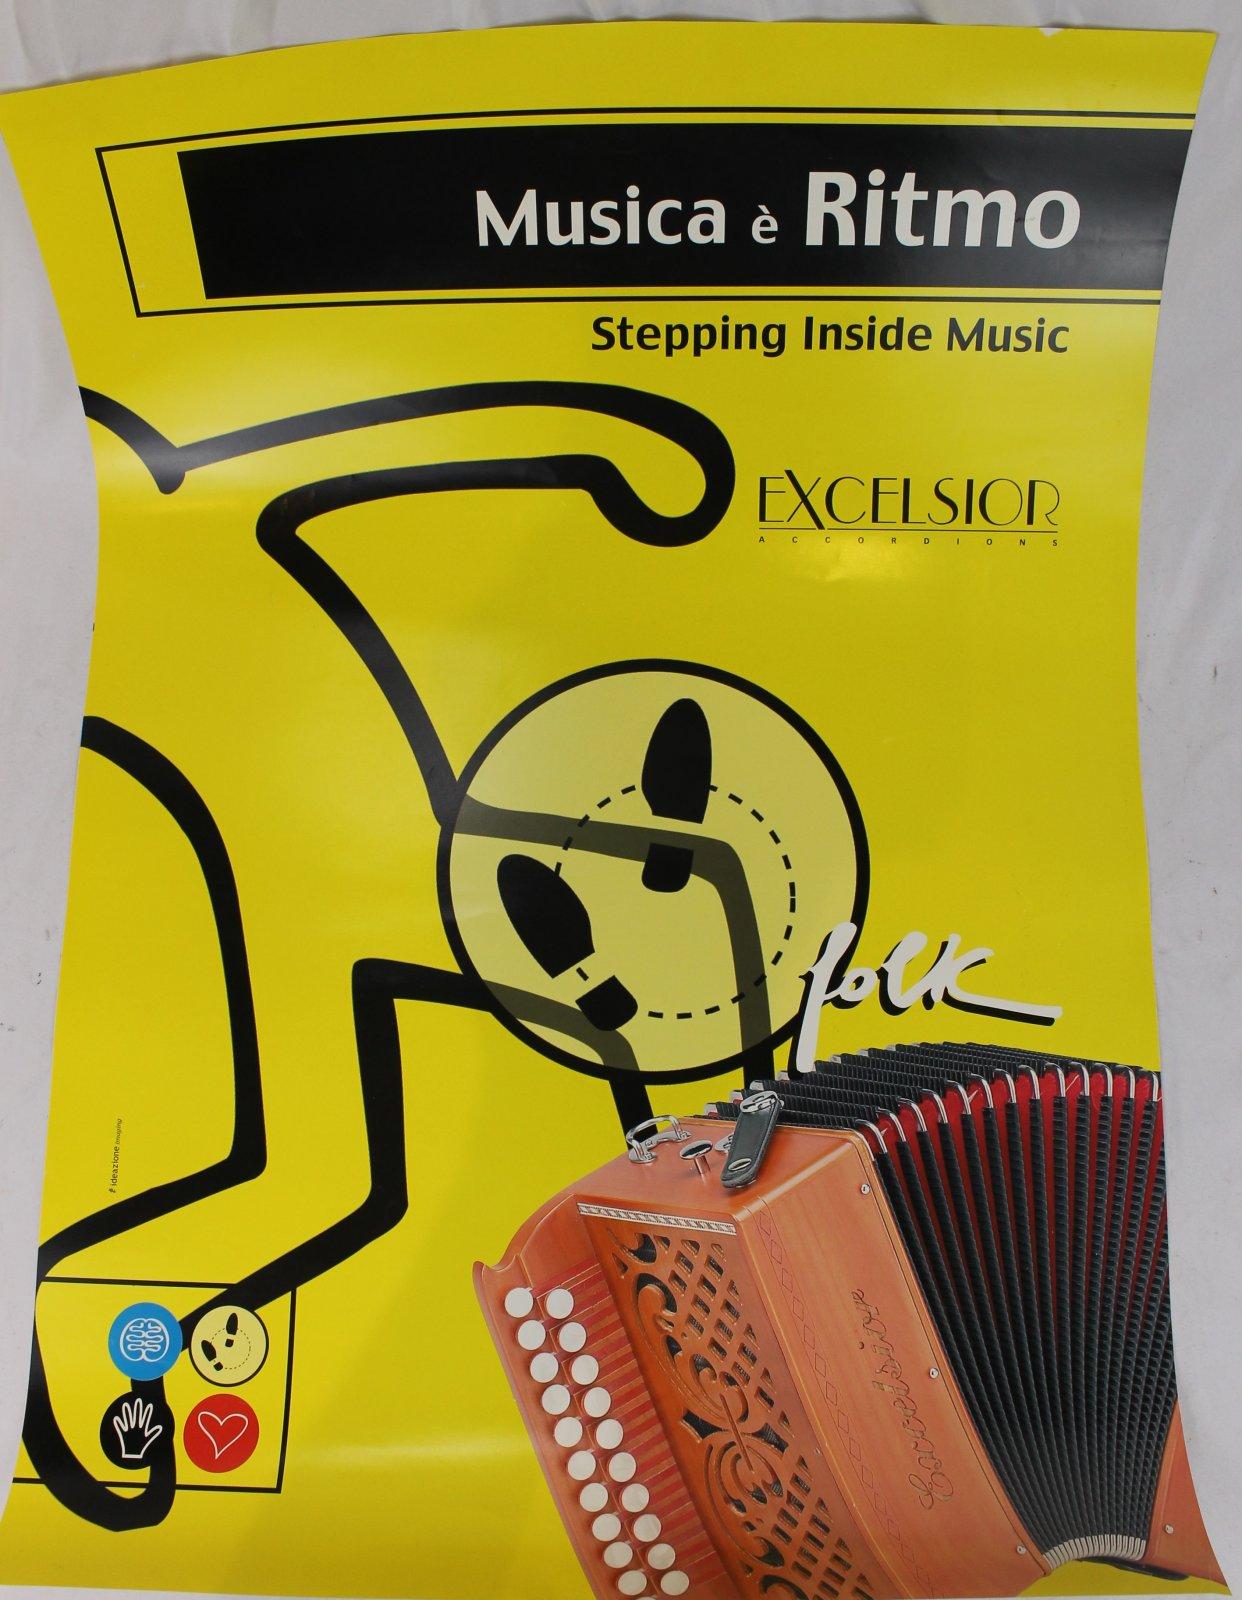 27 x 19 Yellow Excelsior Musica e Ritmo Poster